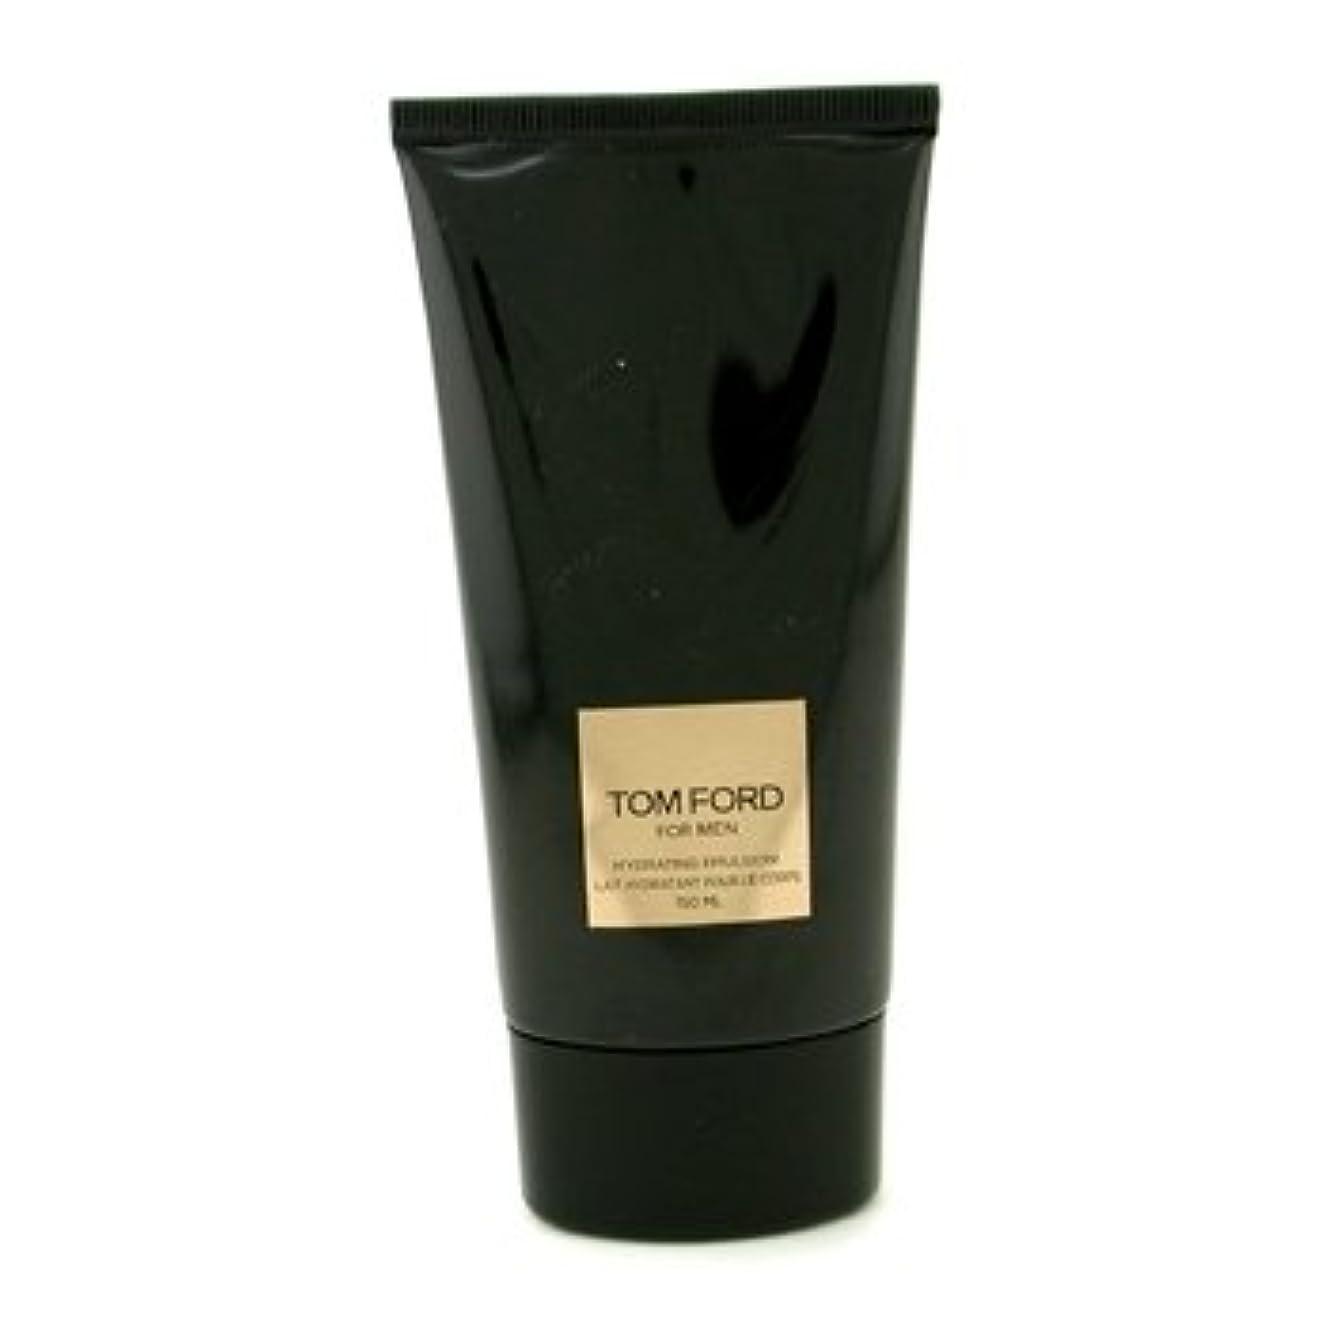 声を出してだます前述のTom Ford (トムフォード) 5.0 oz (150ml) Hydrating Emulsion (ボディーローション) 箱なし for Men